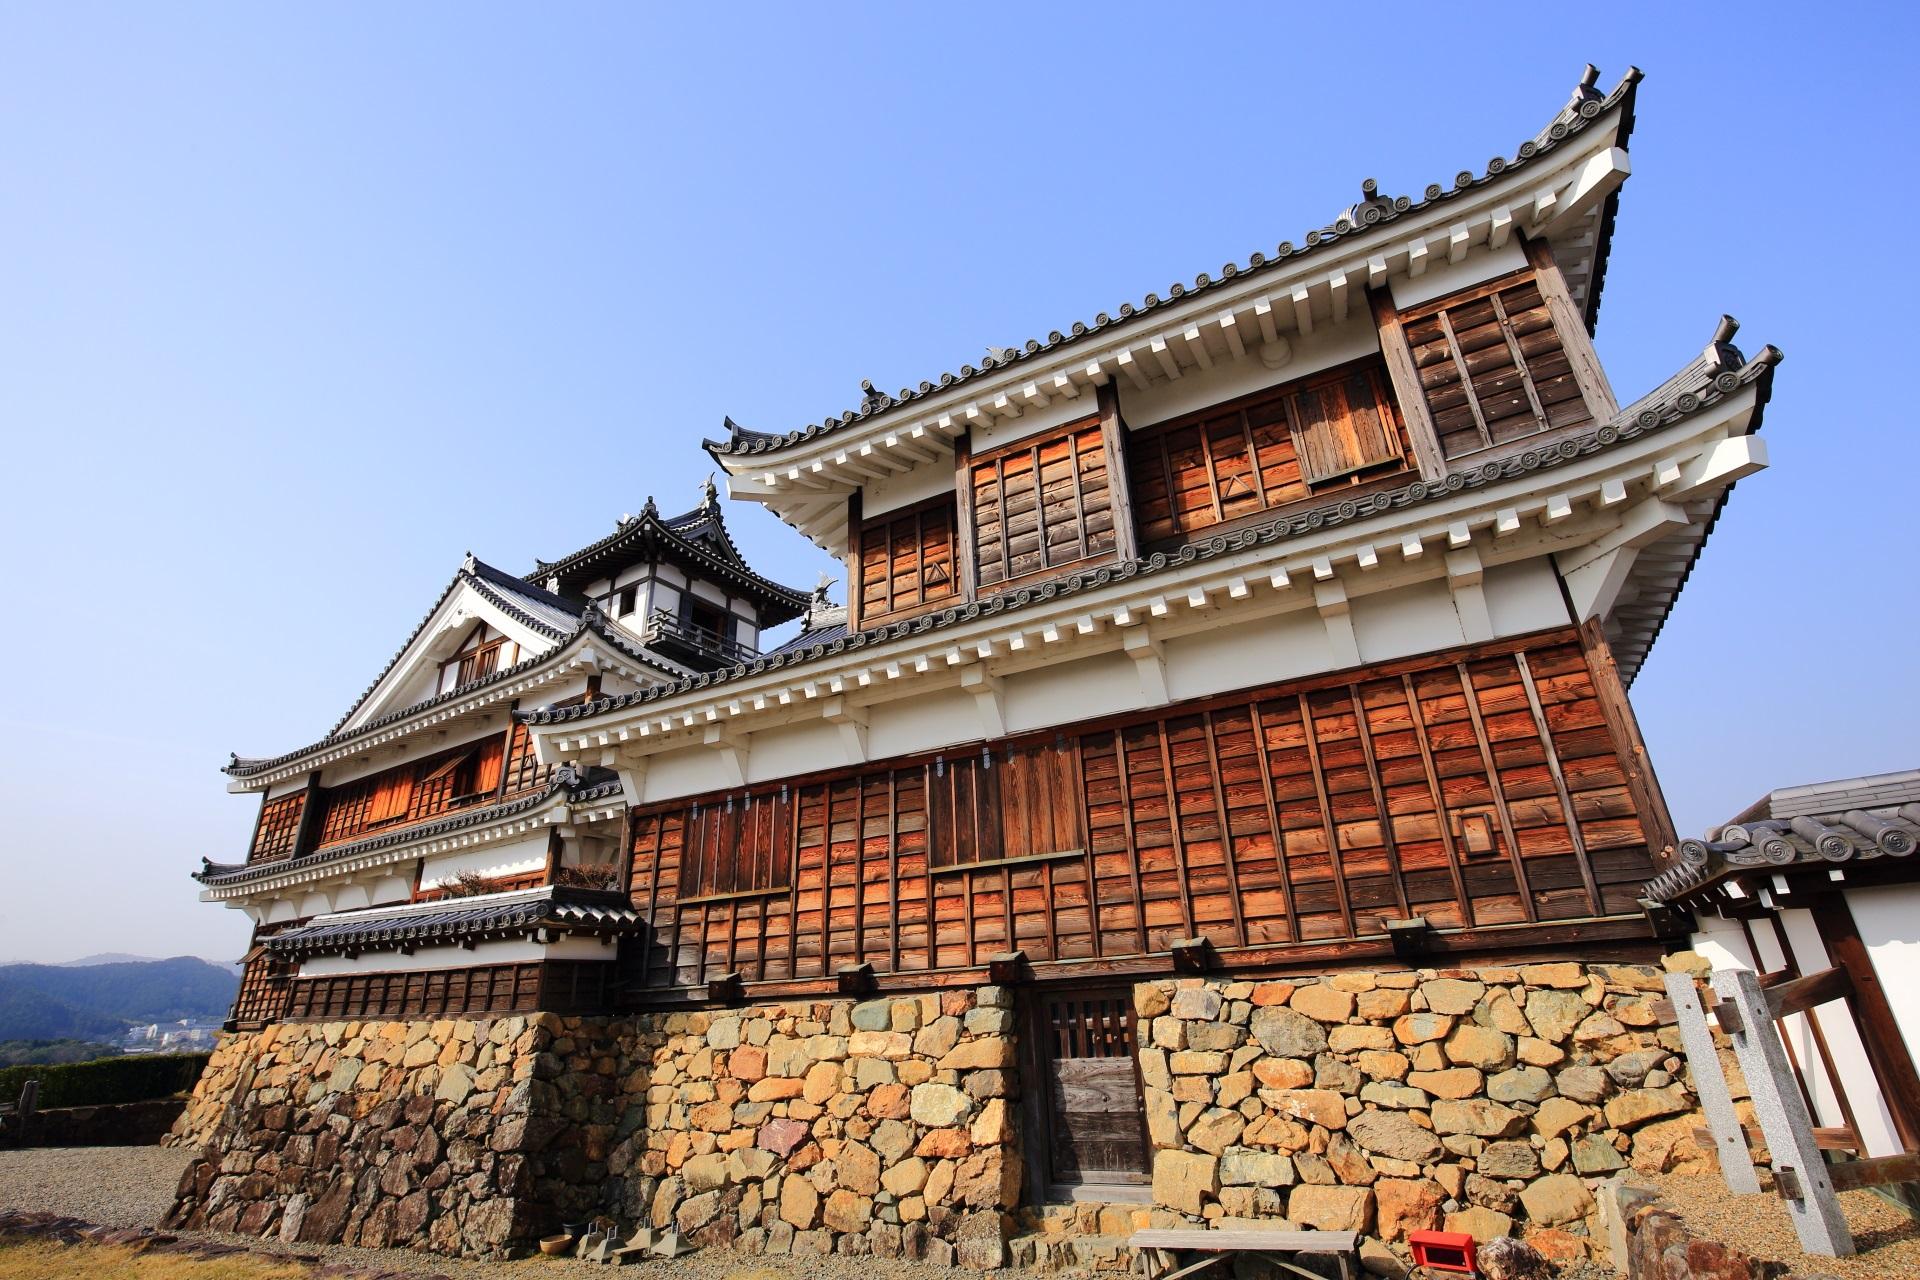 大きくはないがバランスの良い美しい福知山城